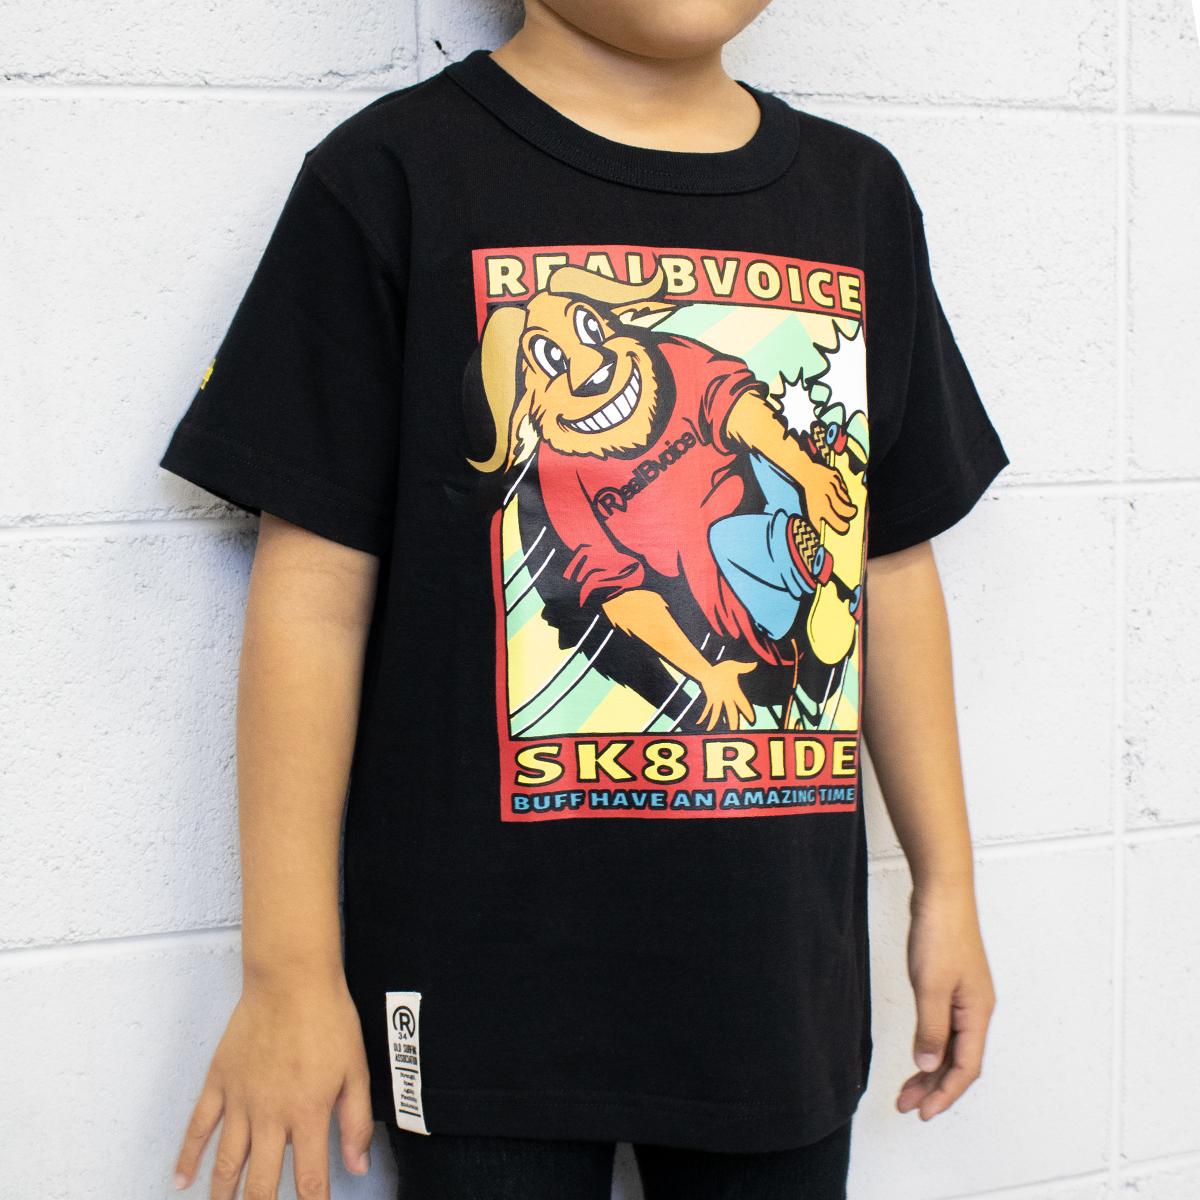 KIDS BUFF XTREME T-SHIRT